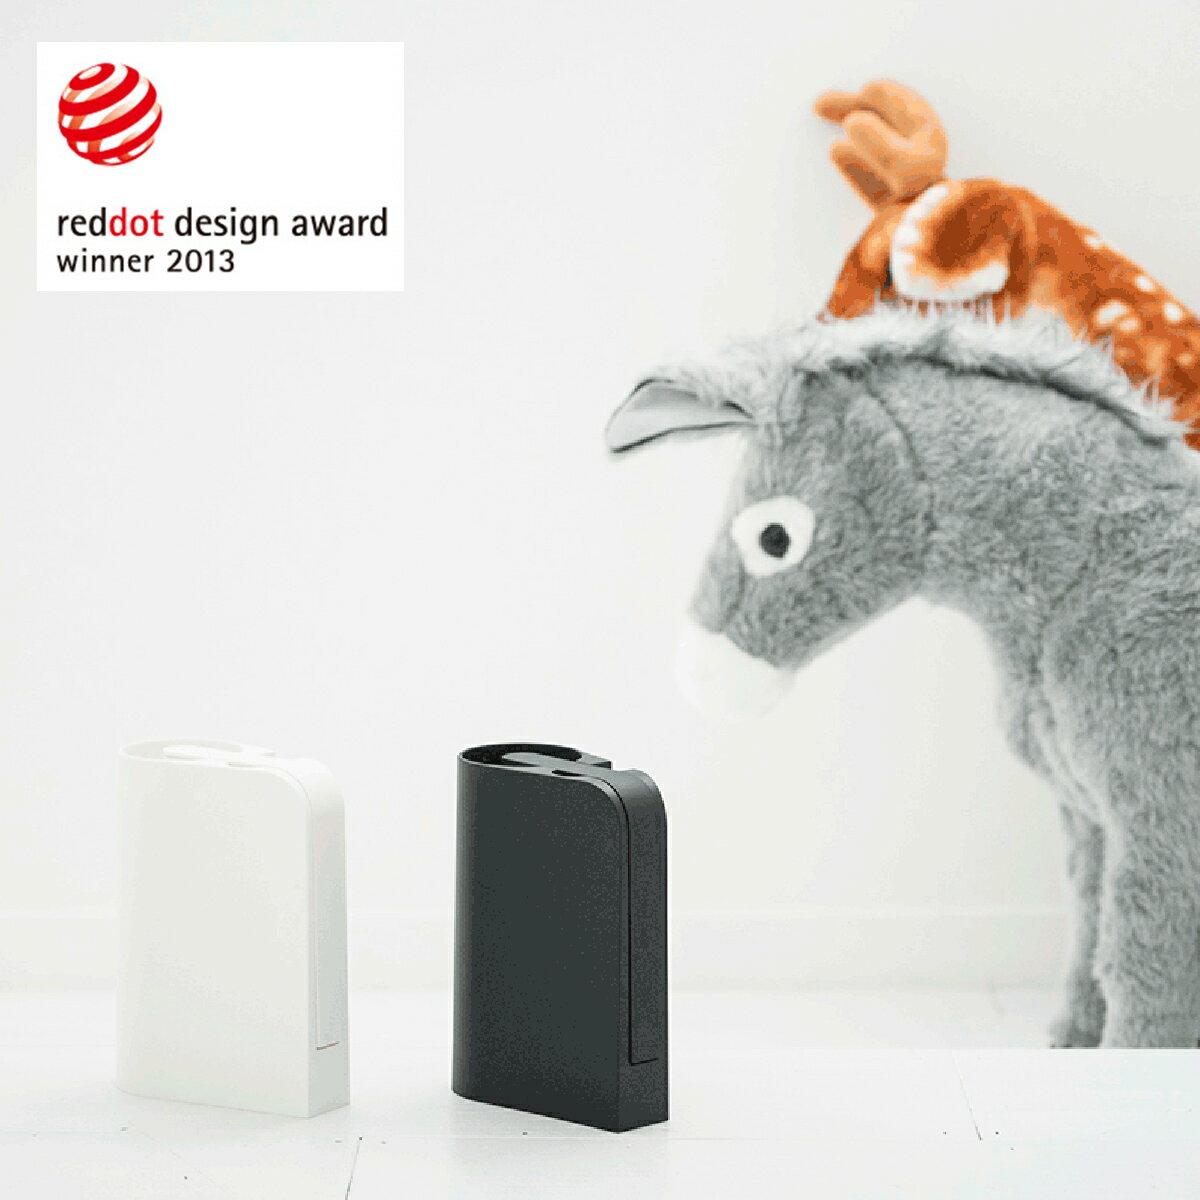 REDDOTデザイン賞を受賞のお掃除用品 [b2c カーペットクリーナー] コロコロ おしゃれ サラサデザインストア